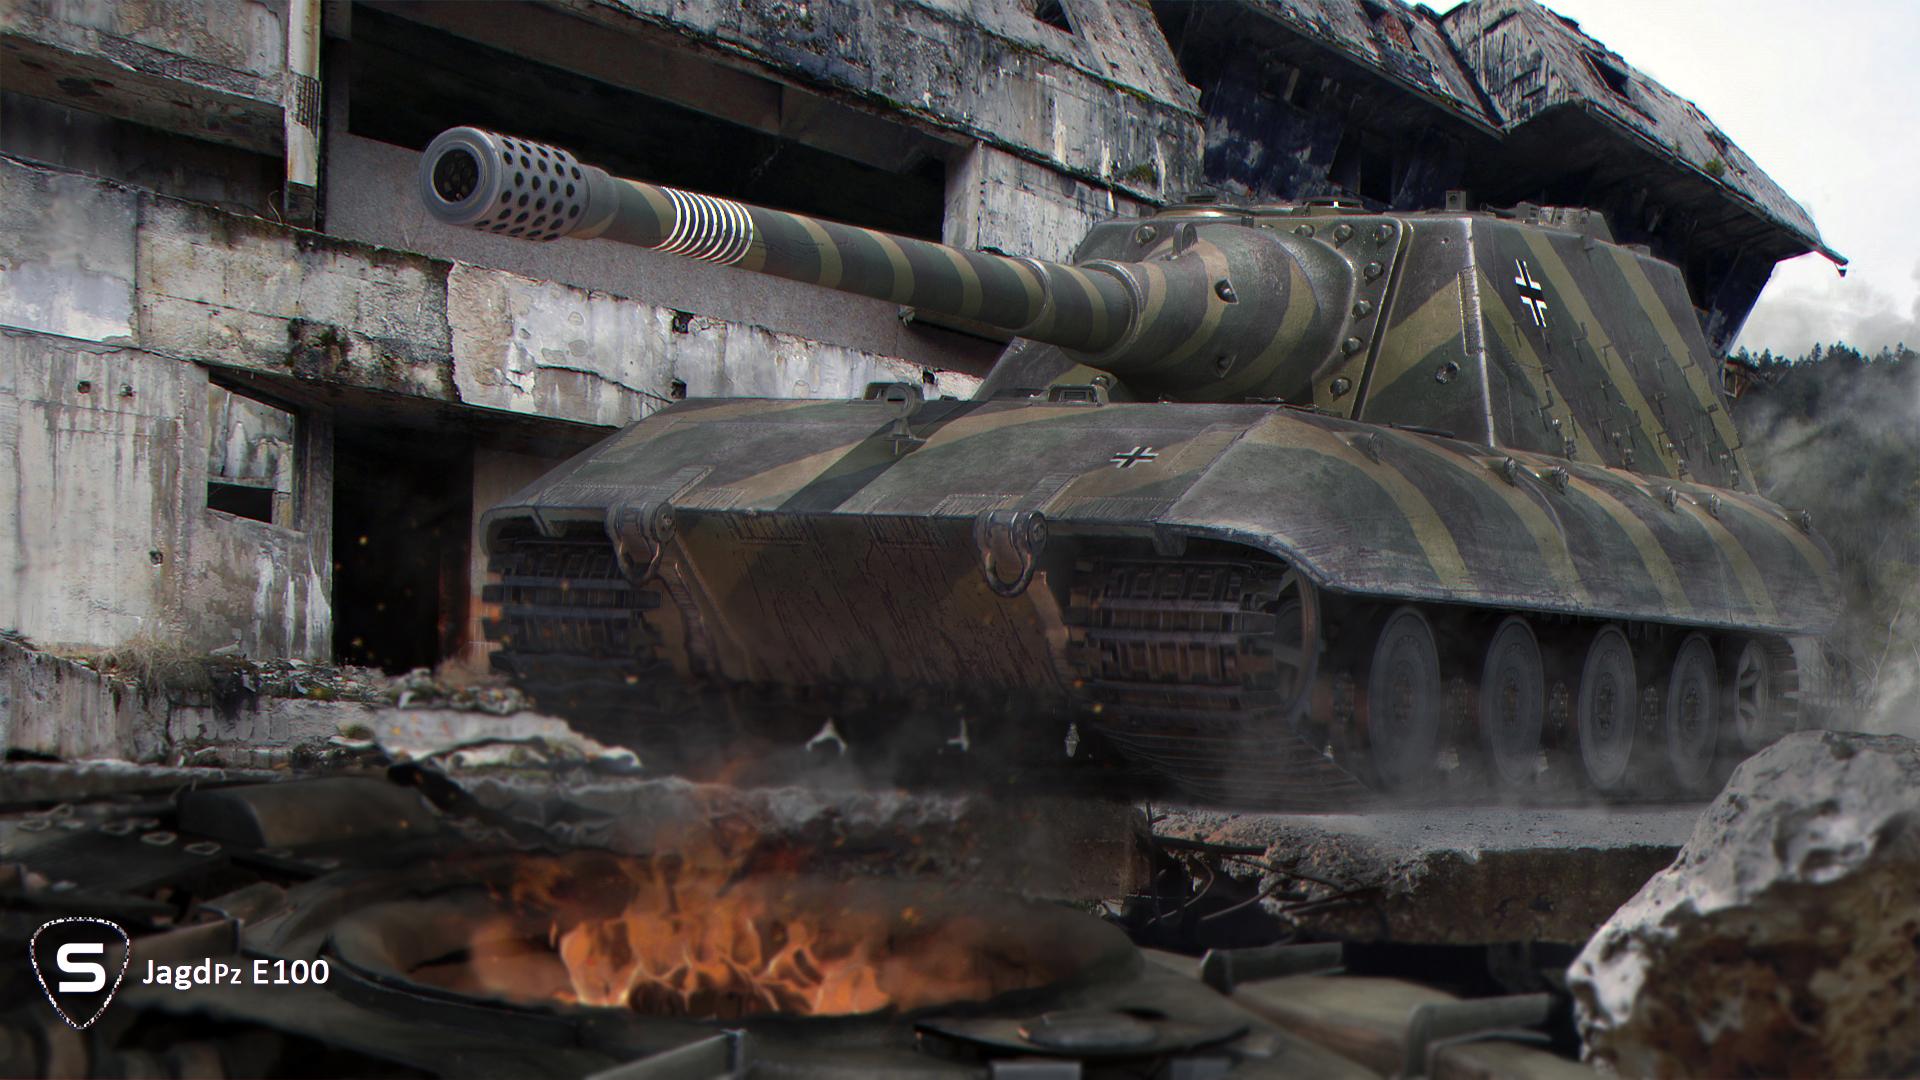 World of tanks танки е-100 alligator игры 3d графика фото wot обои картинки скачать на рабочий стол